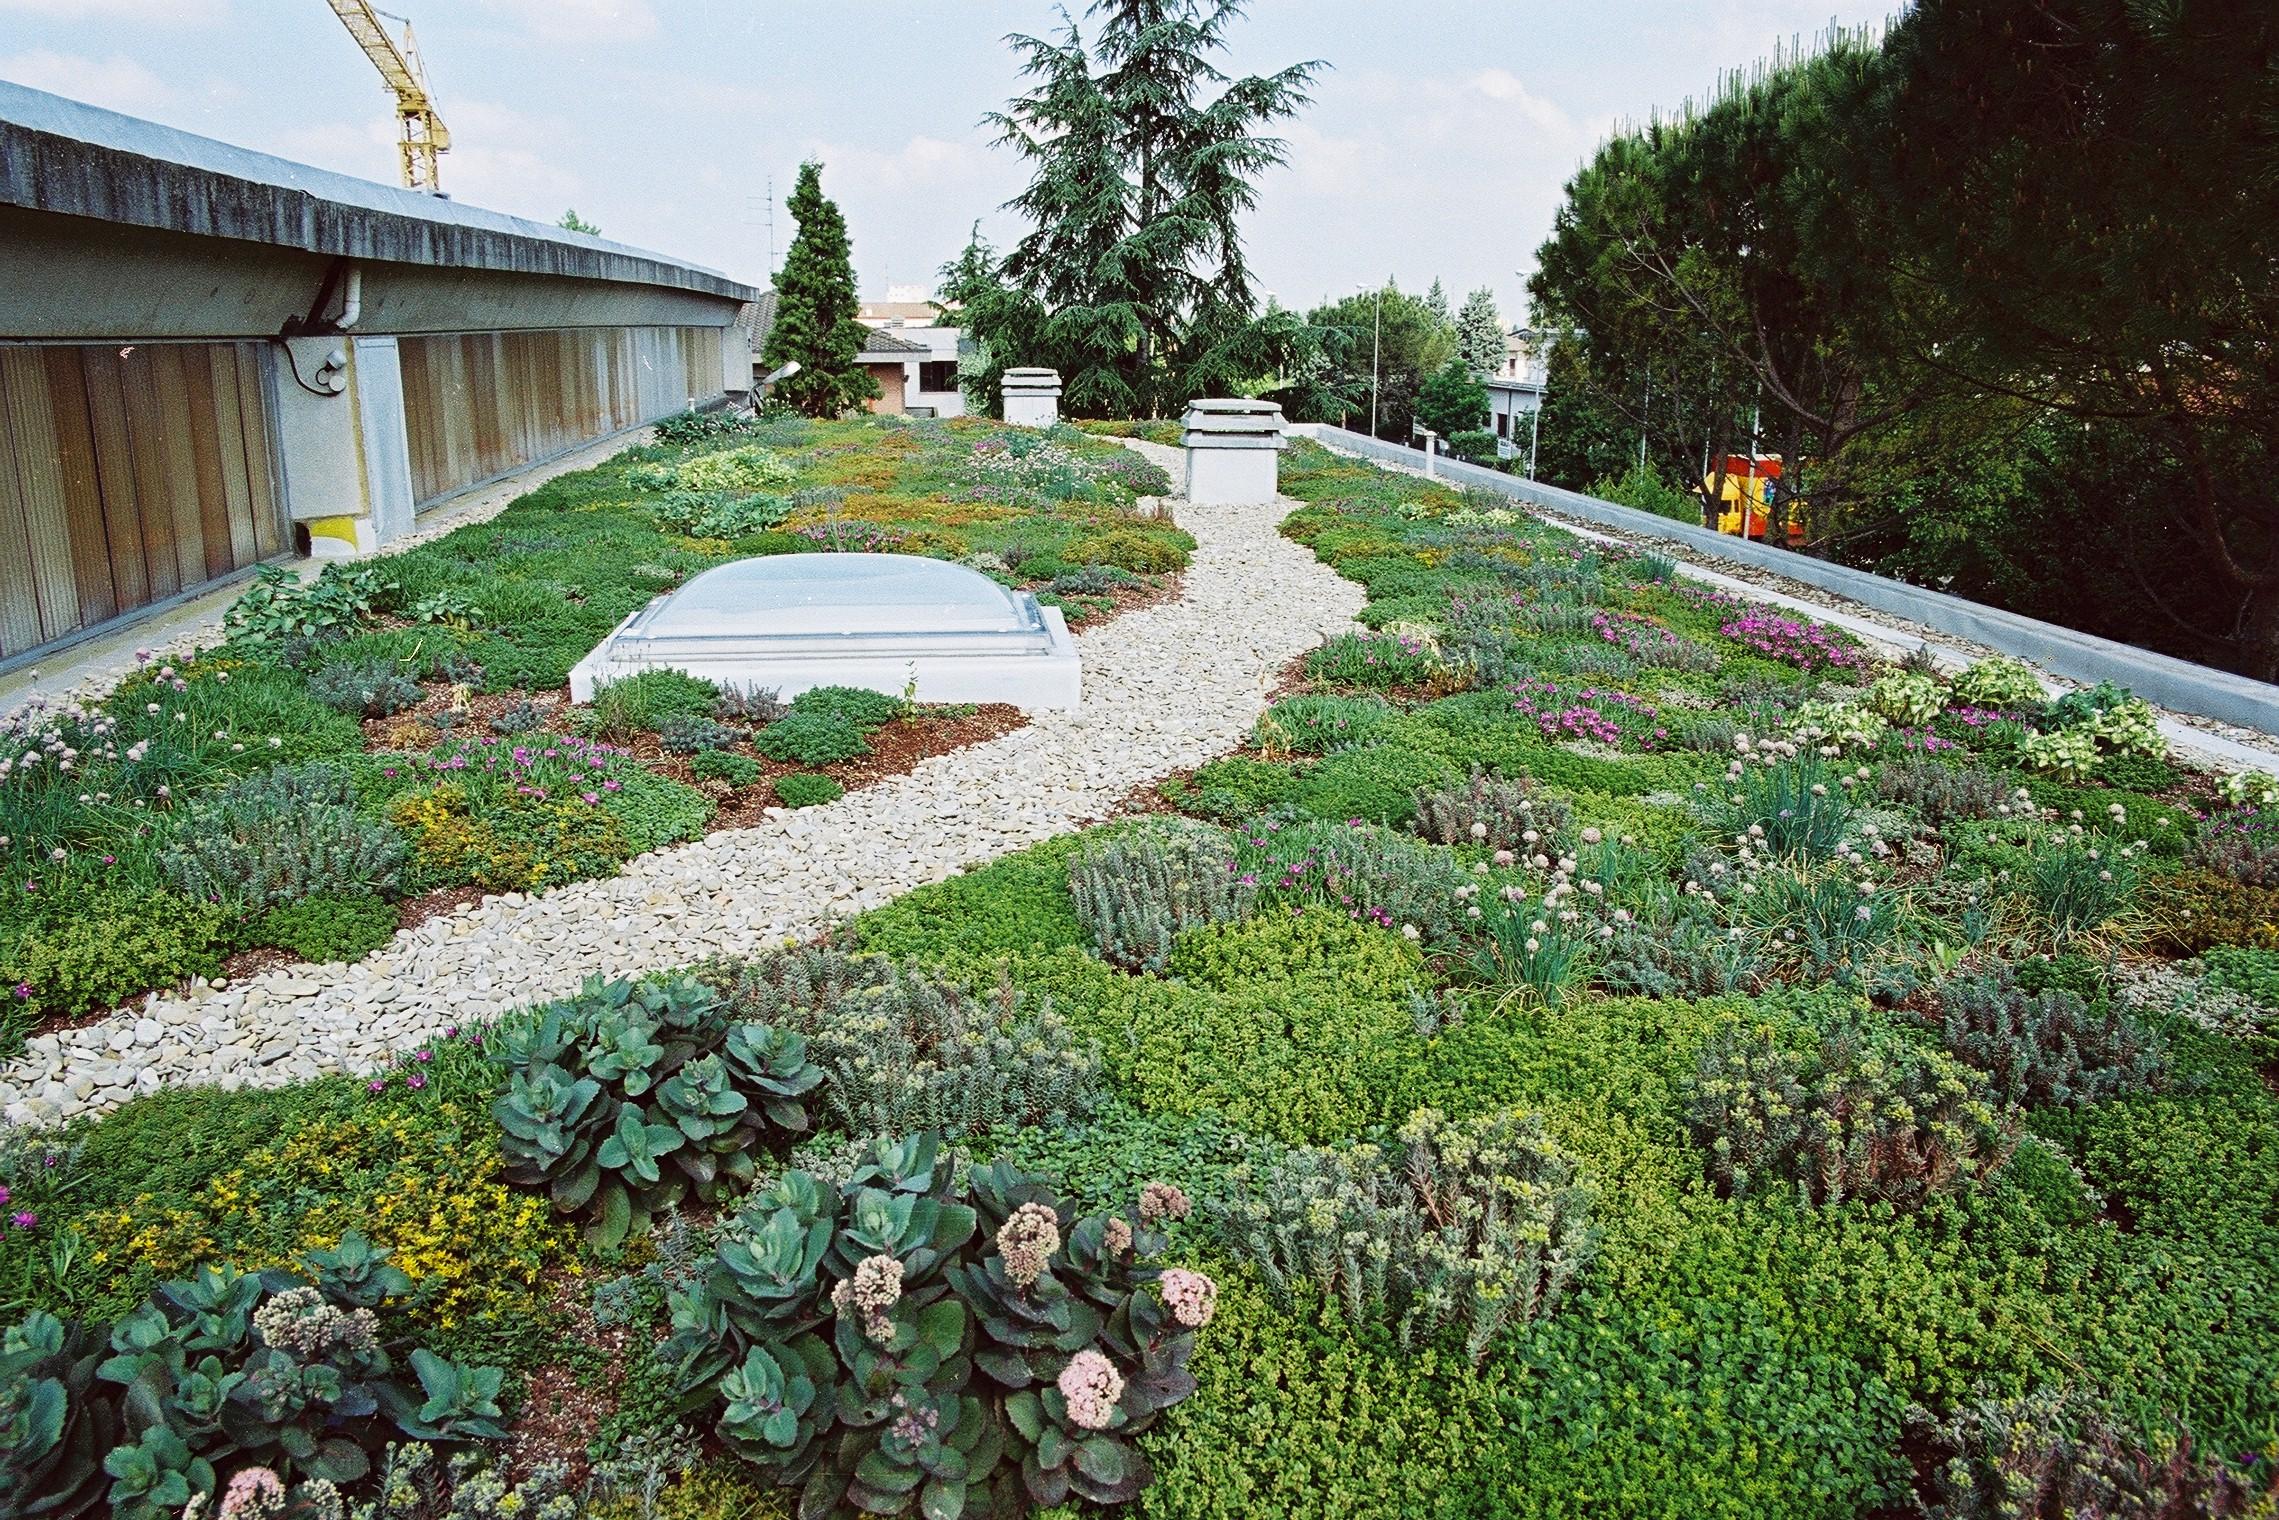 Tetti verdi 10 piante per il tuo giardino pensile casa - Piante per giardino ...